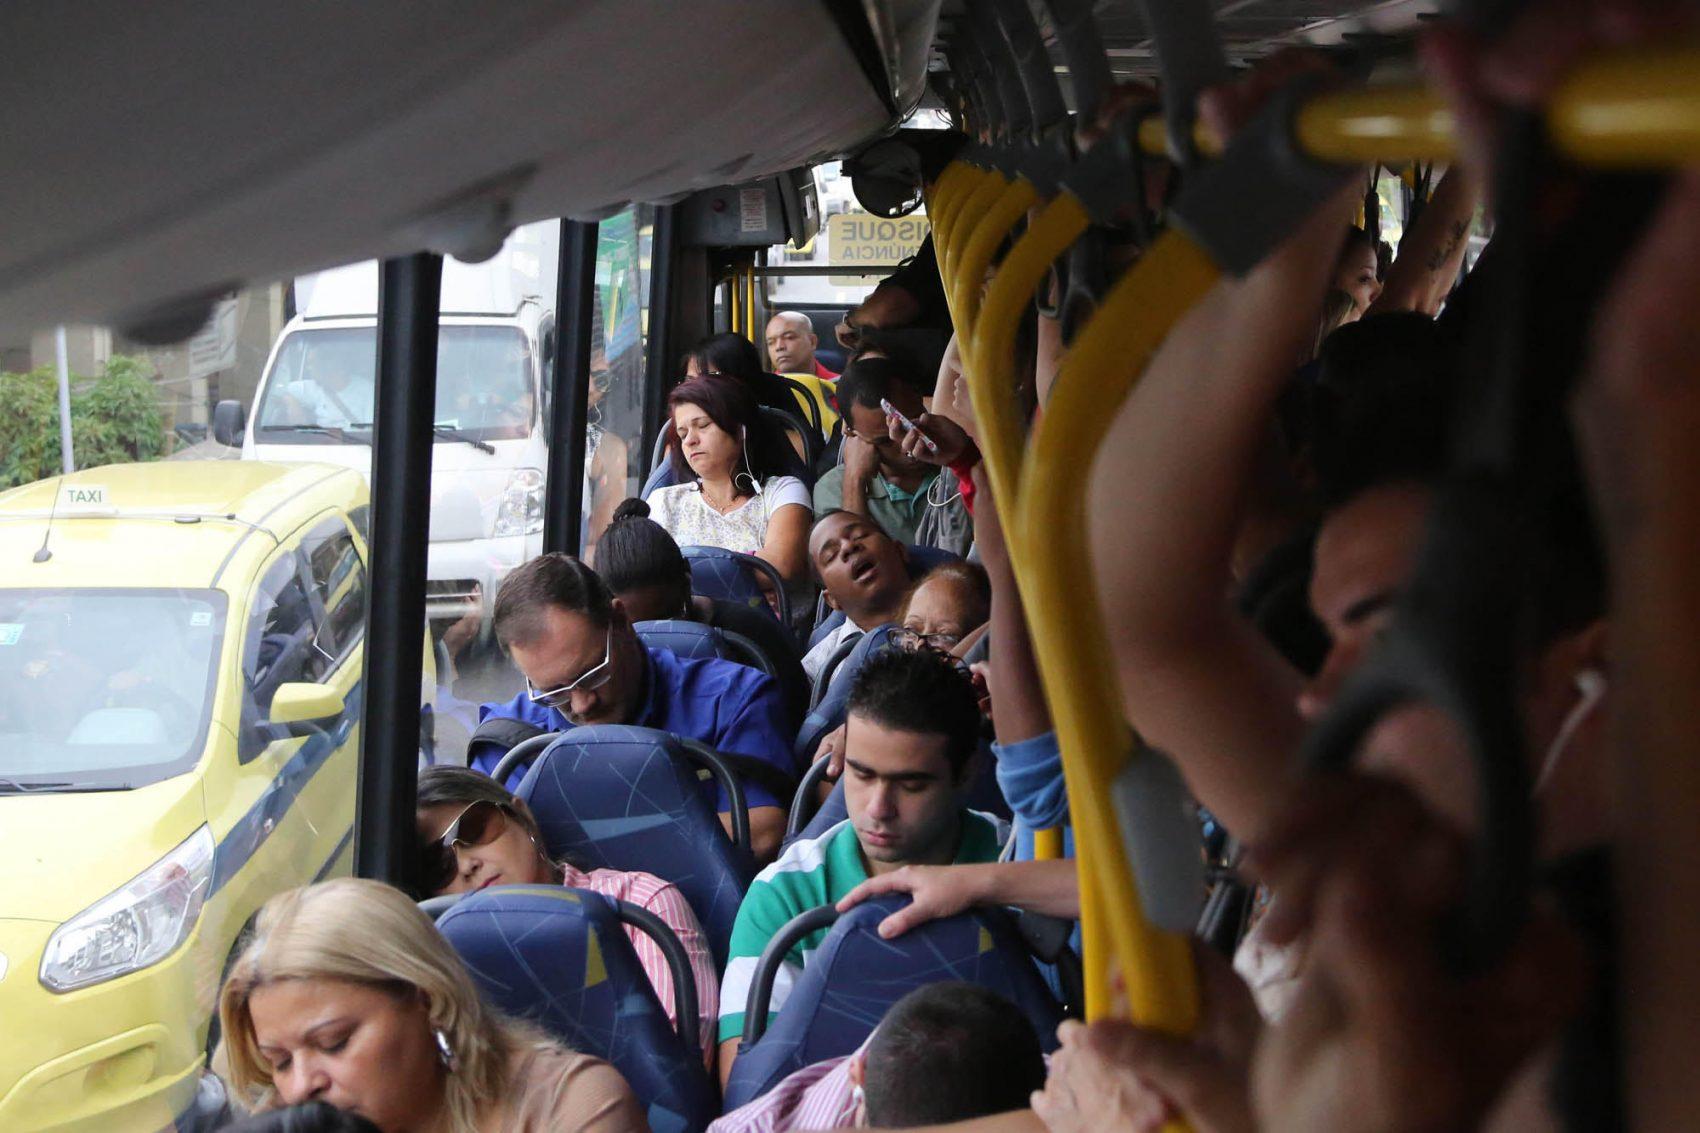 Lotação: longos trajetos, com pouco conforto são marca dos ônibus no Rio (Foto Custodio Coimbra)